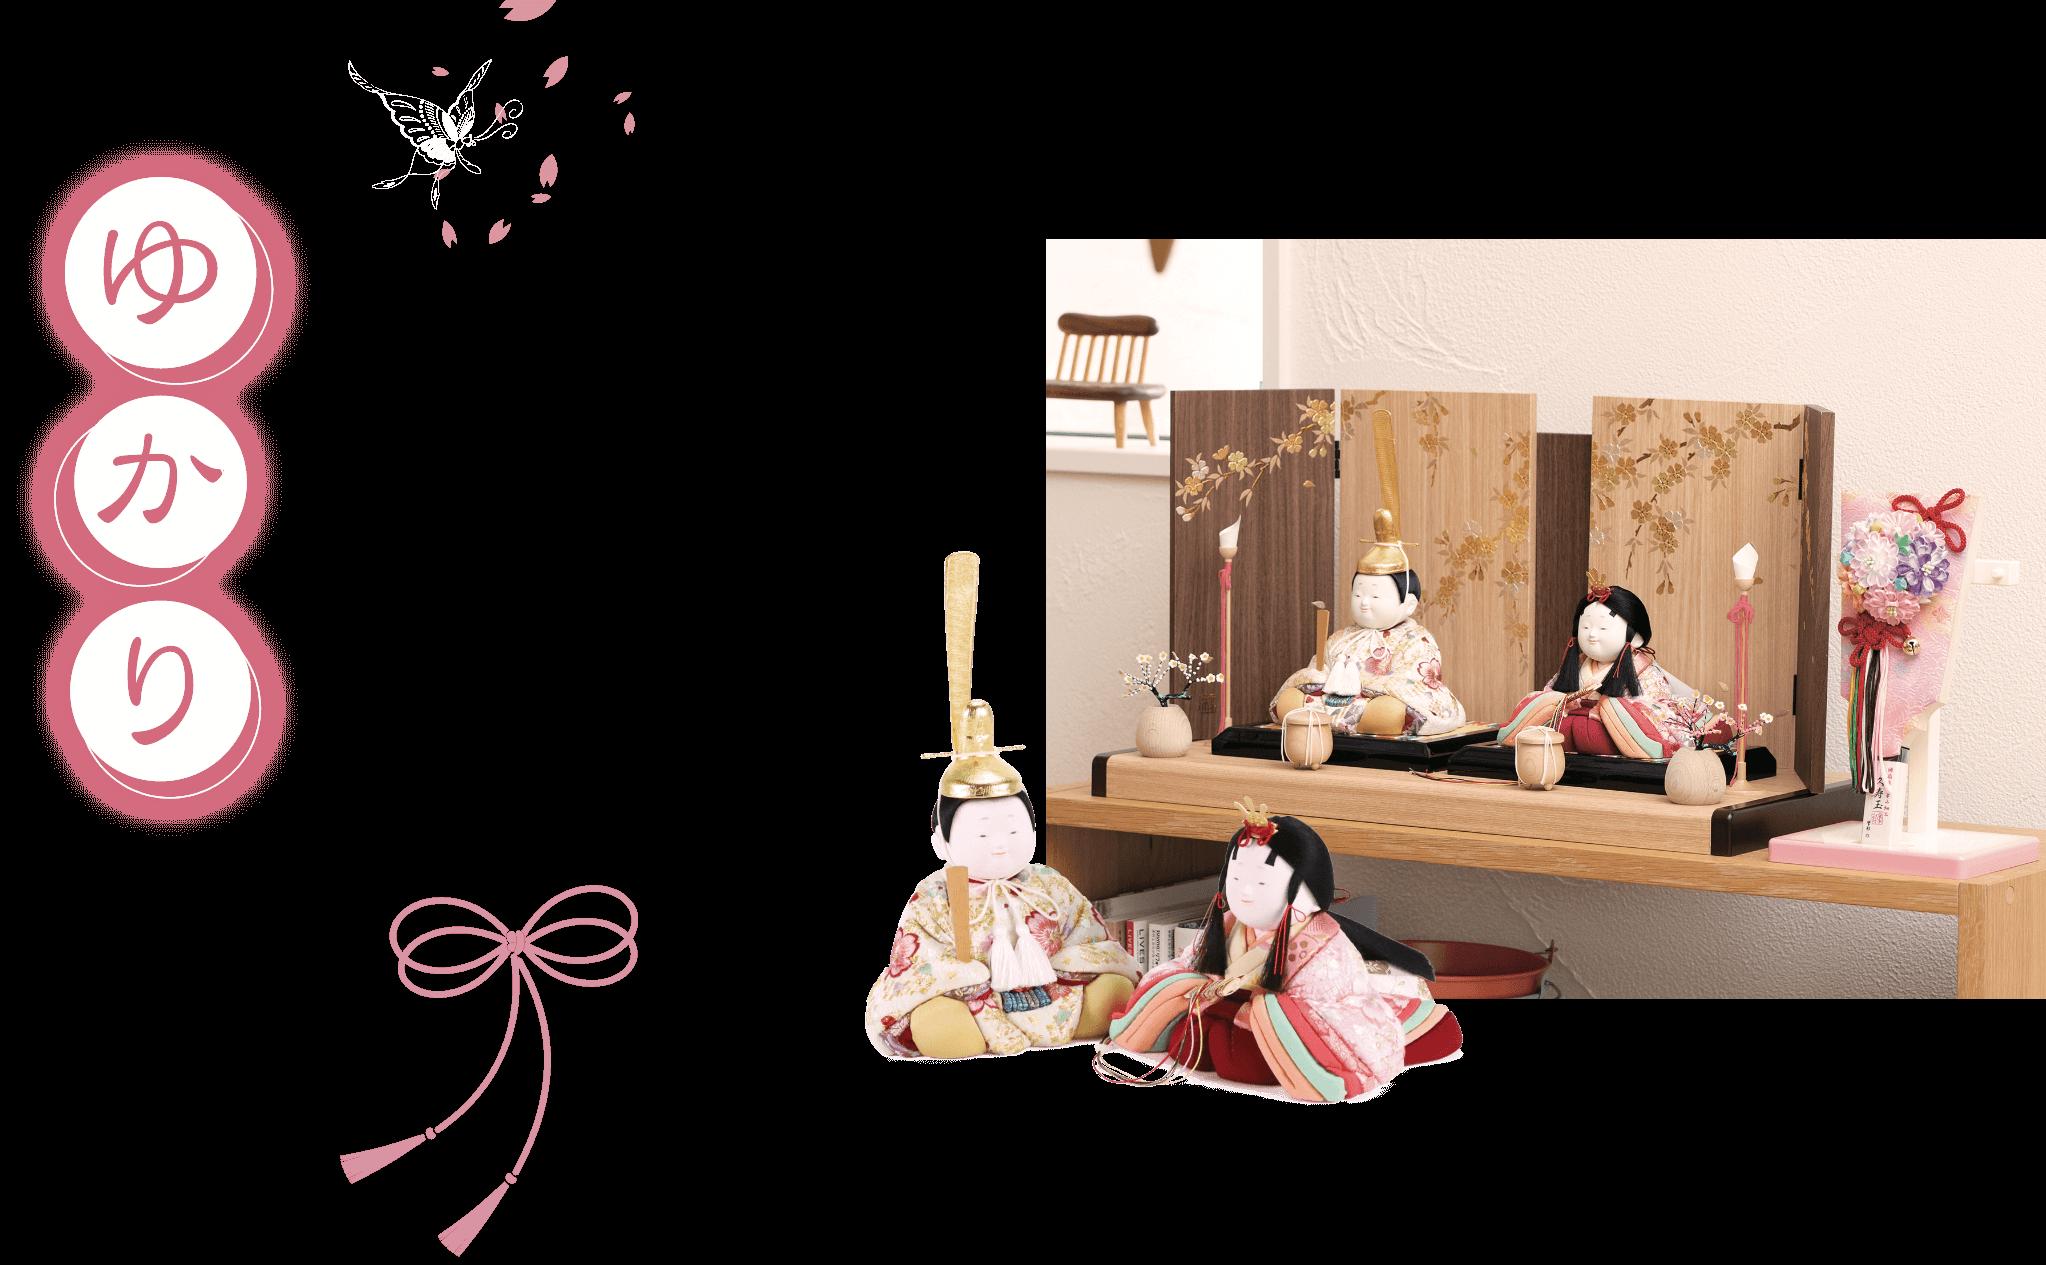 ゆかり-遊香シリーズ-